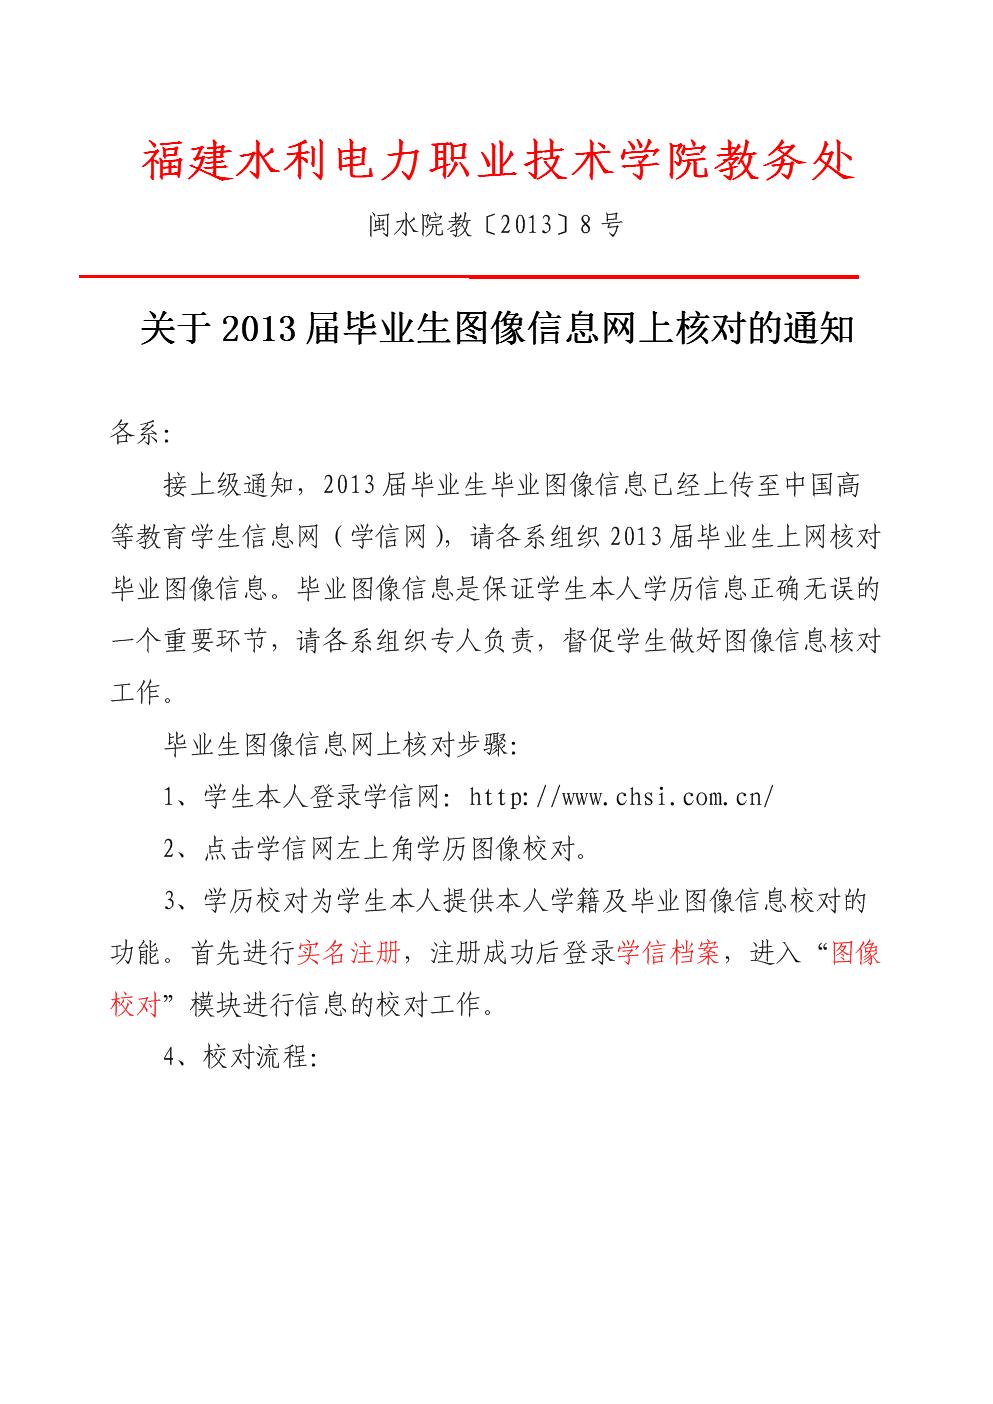 闽水院教〔2013〕8号关于2013届毕业生图像网上核对的通知.doc